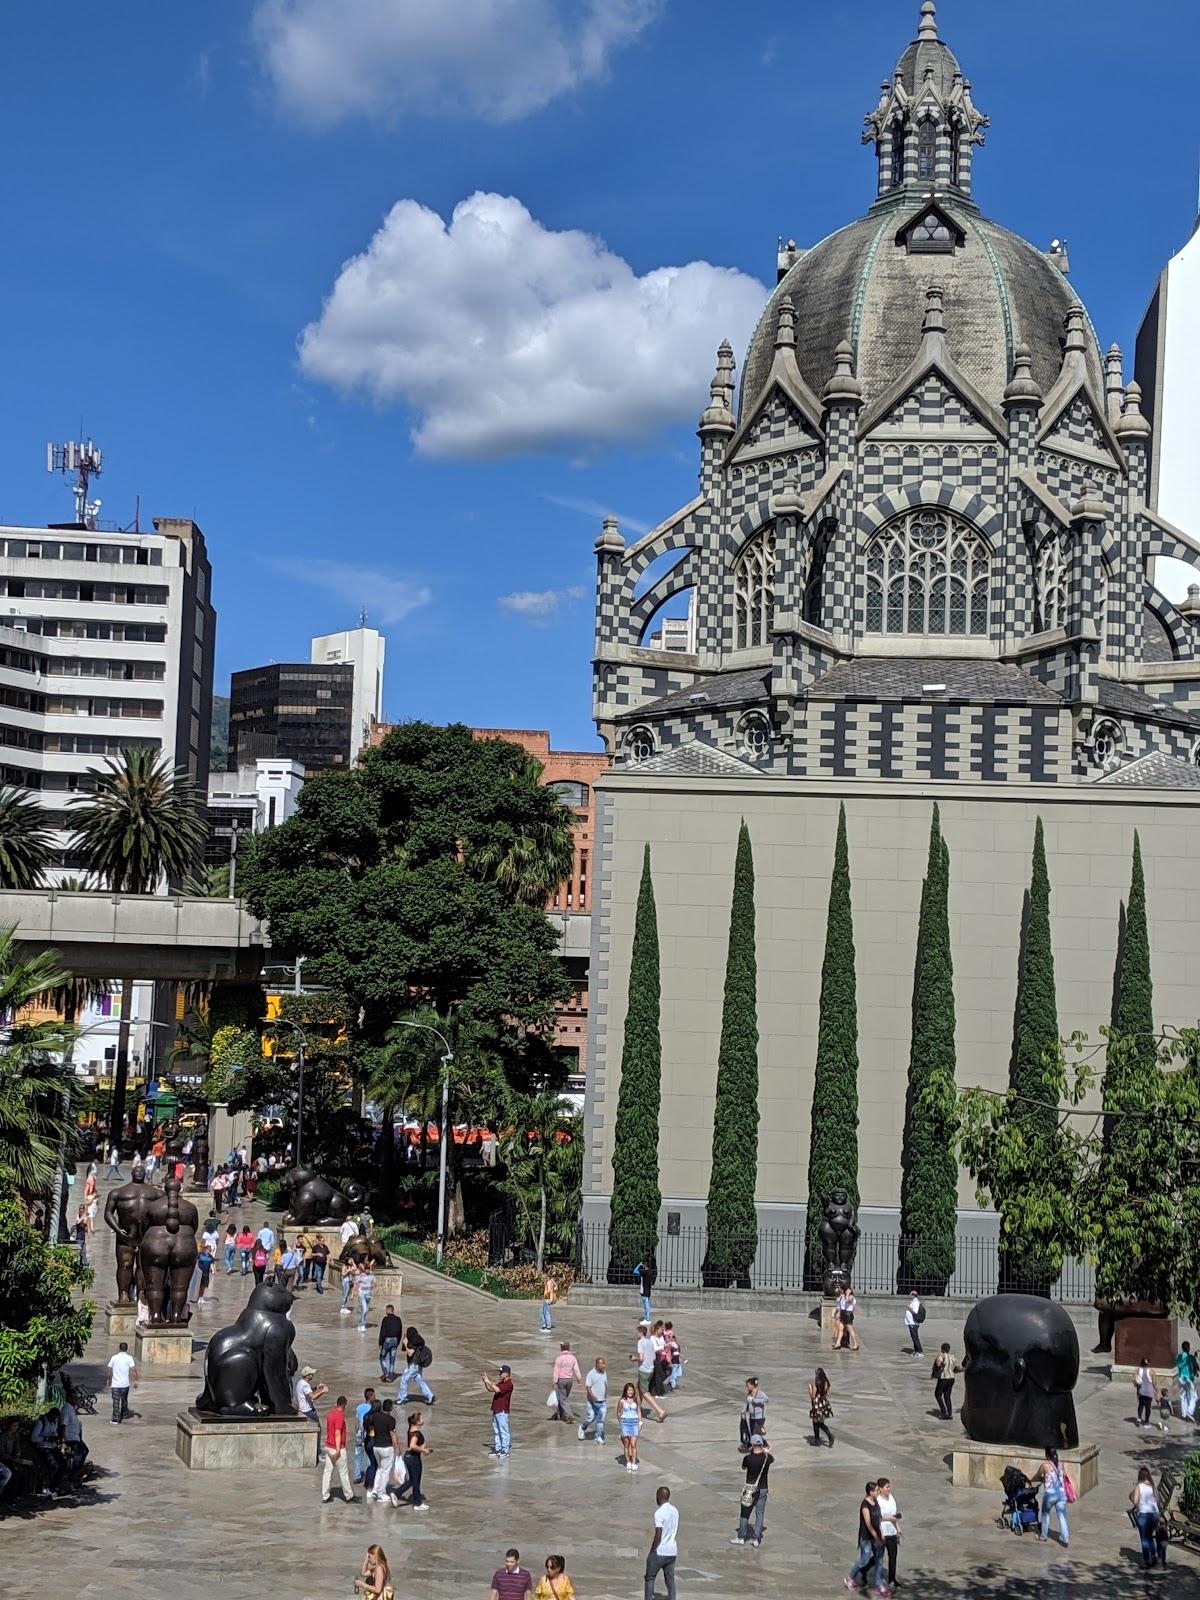 Plaza Botero in Medellin, Colombia.